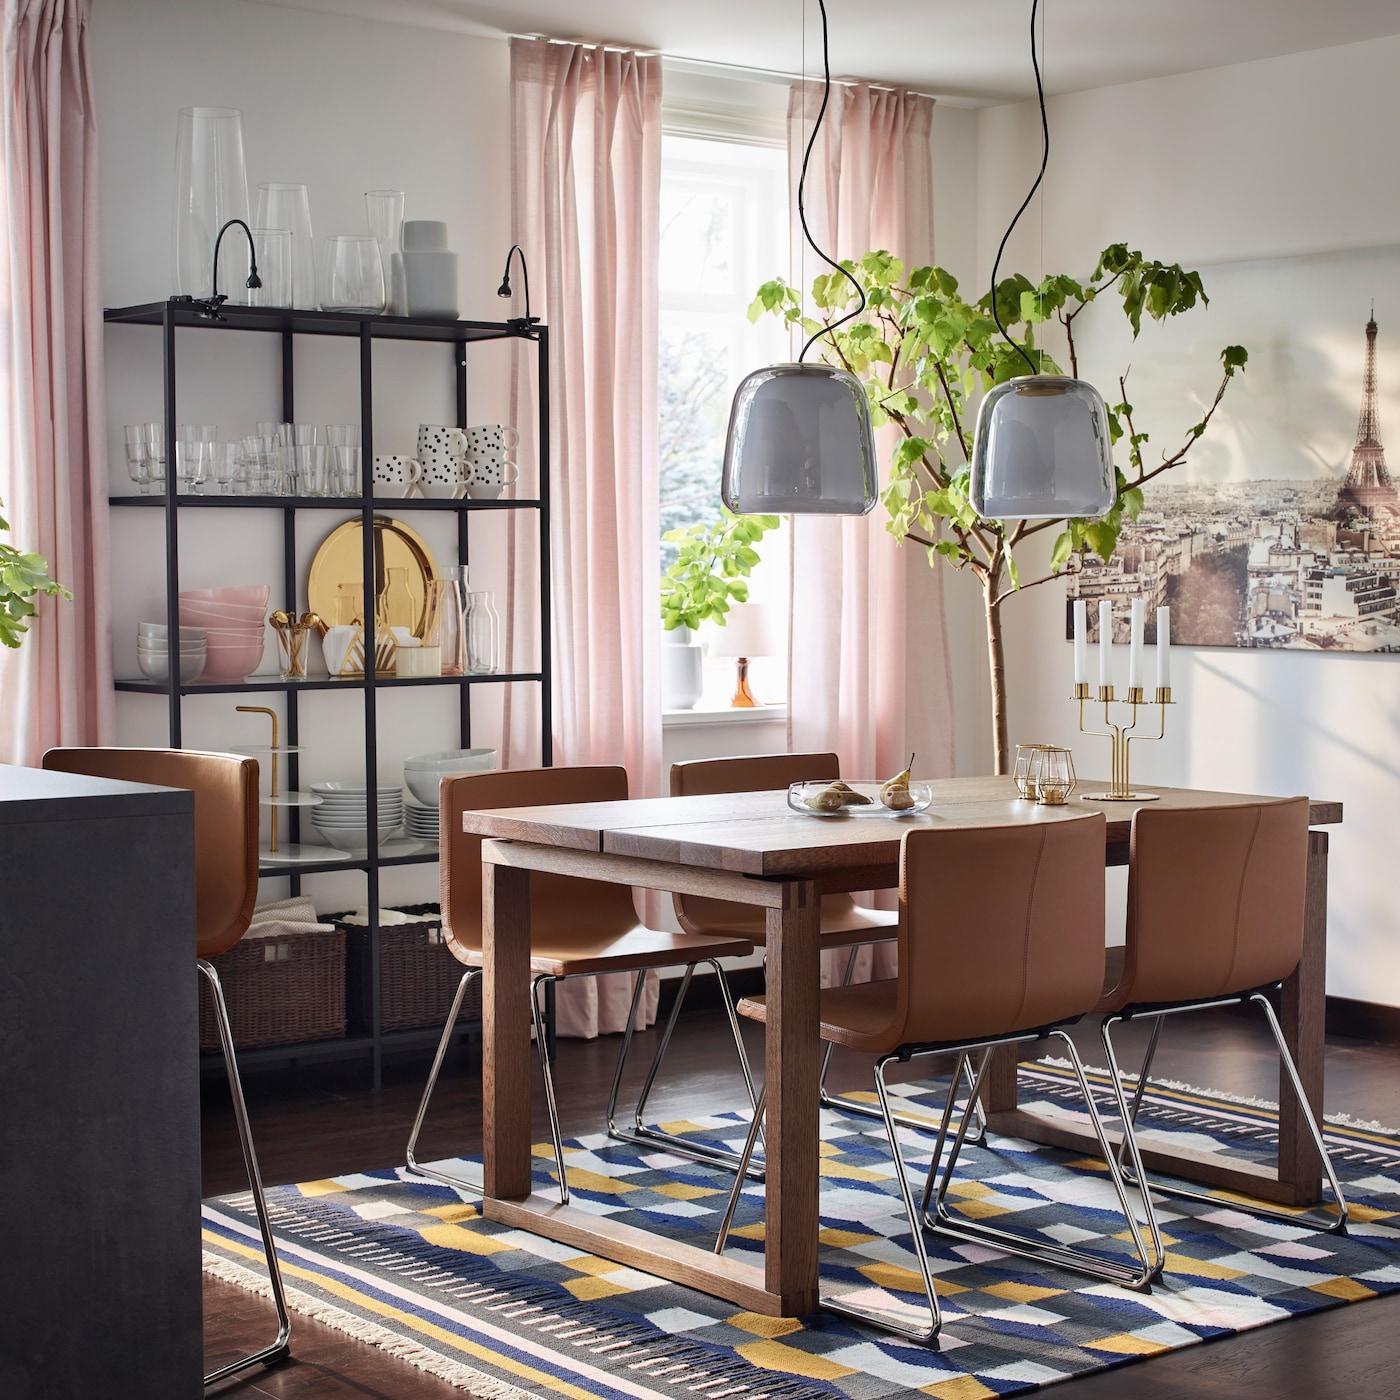 Avec leurs arêtes et leurs lignes droites, la table de salle à manger brune IKEA MÖRBYLÅNGA en placage de chêne et les chaises BERNHARD brun doré forment un duo moderne.